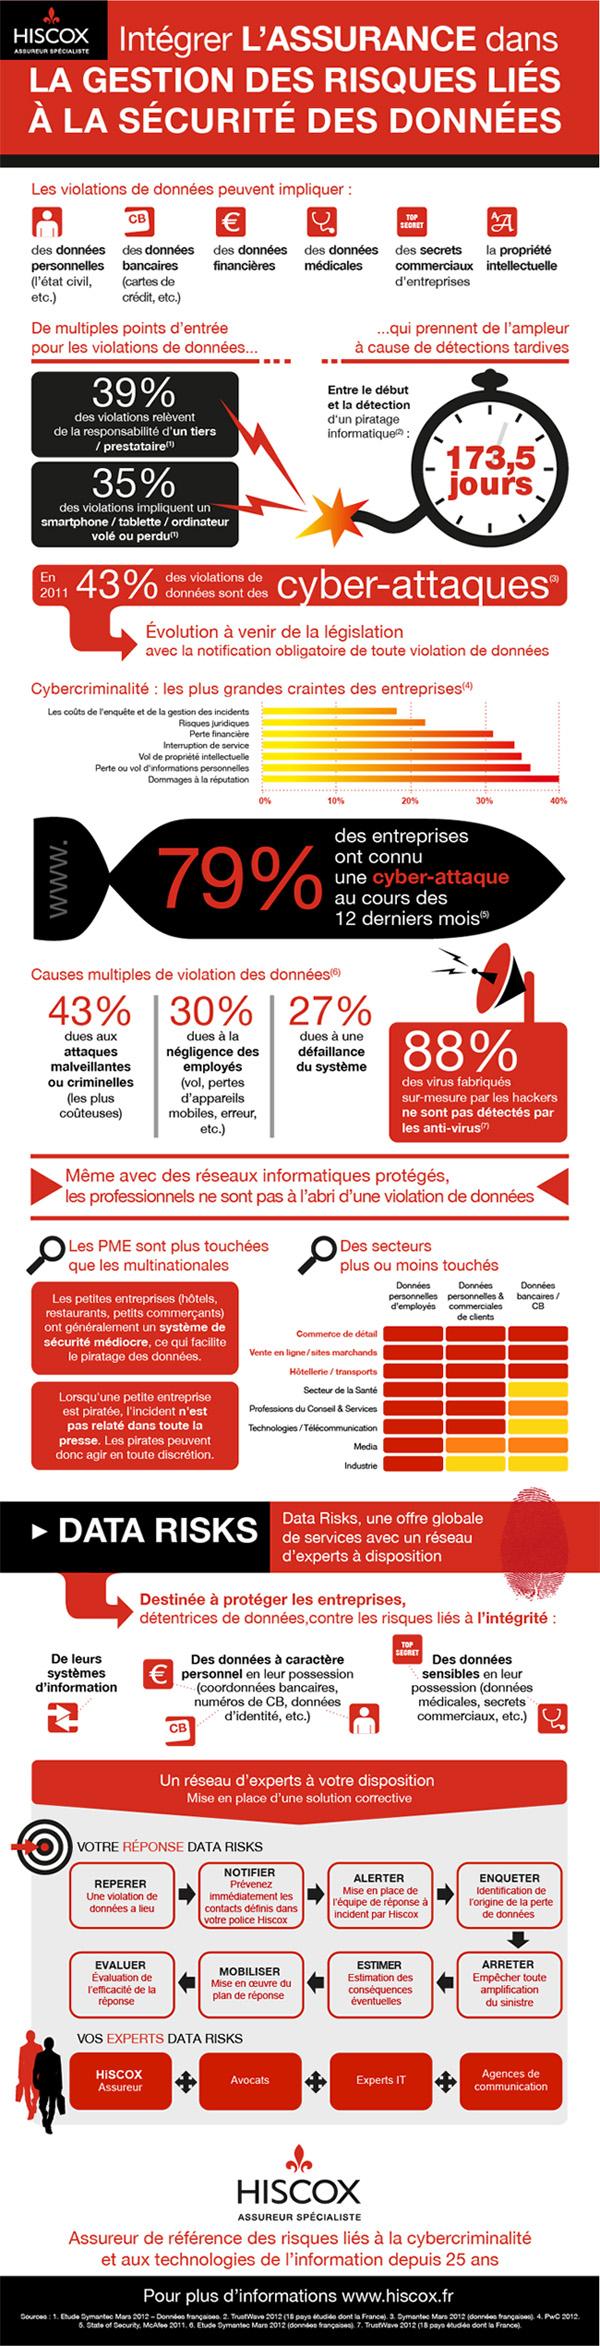 infographie Intégrer l'assurance dans la gestion des risques liés à la sécurité des données